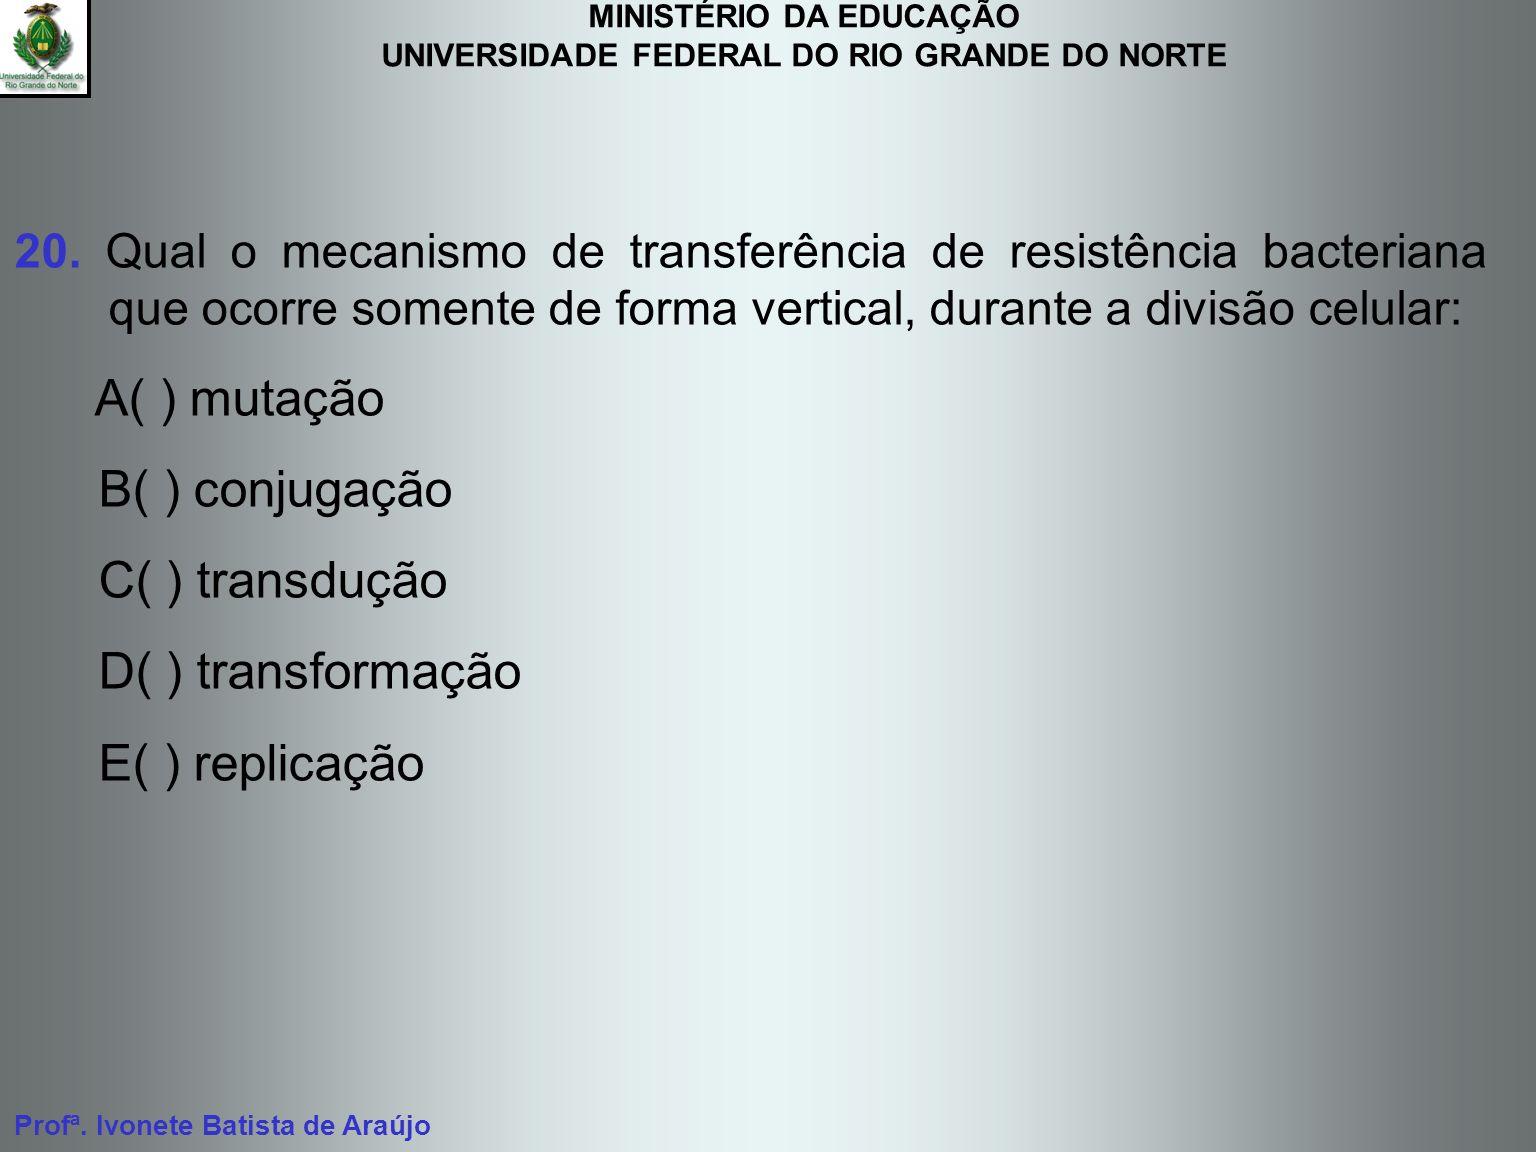 B( ) conjugação C( ) transdução D( ) transformação E( ) replicação